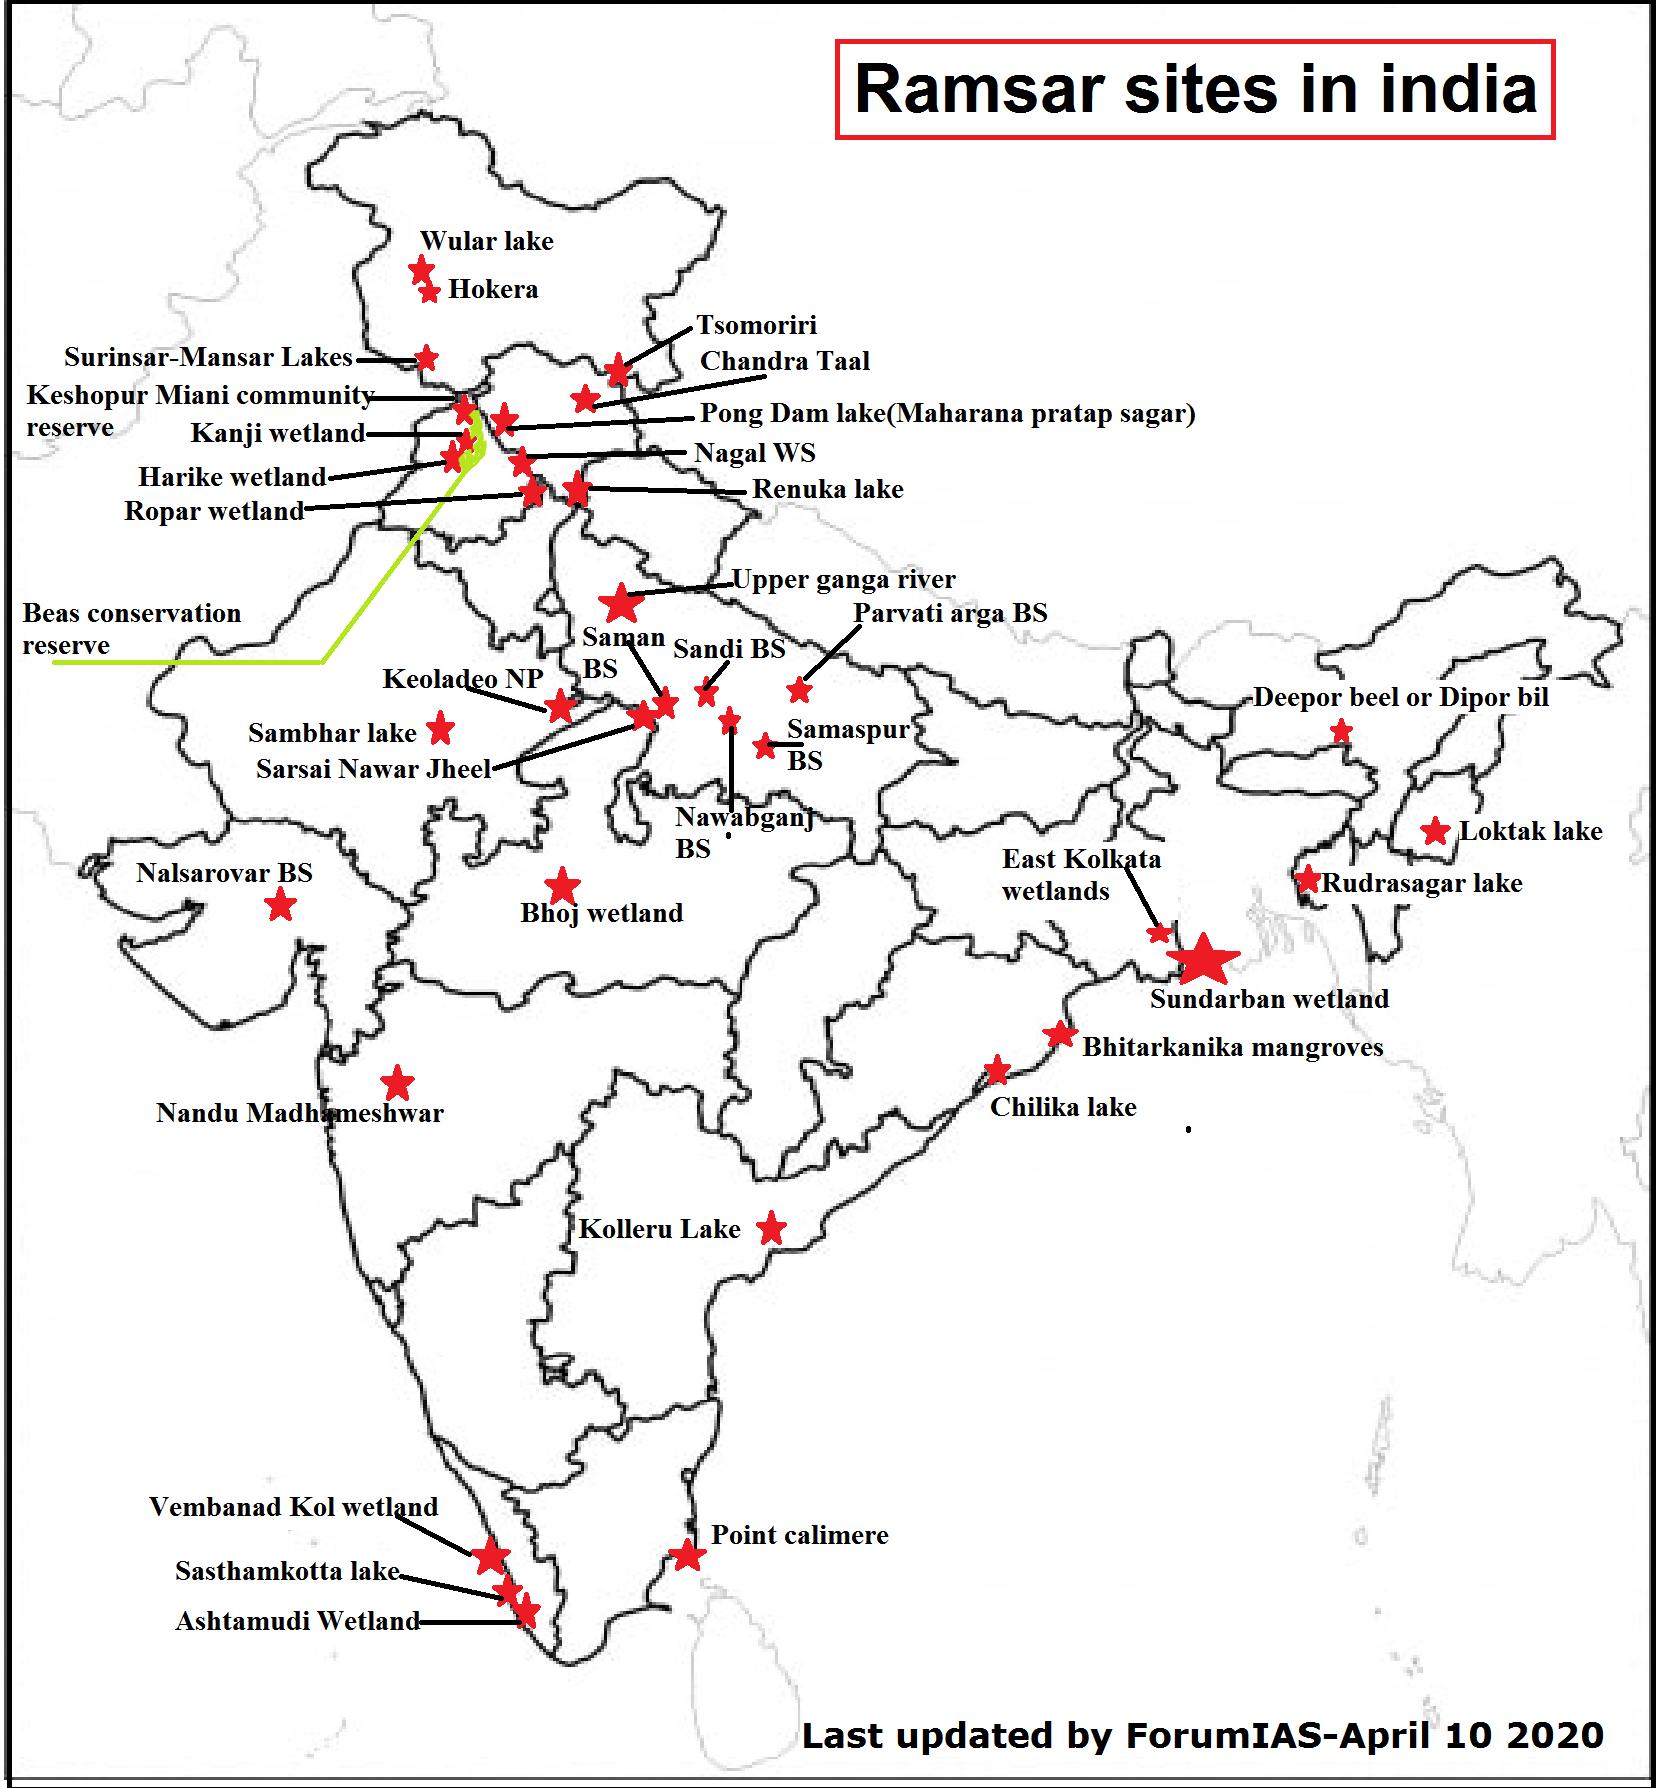 Ramsar sites In India